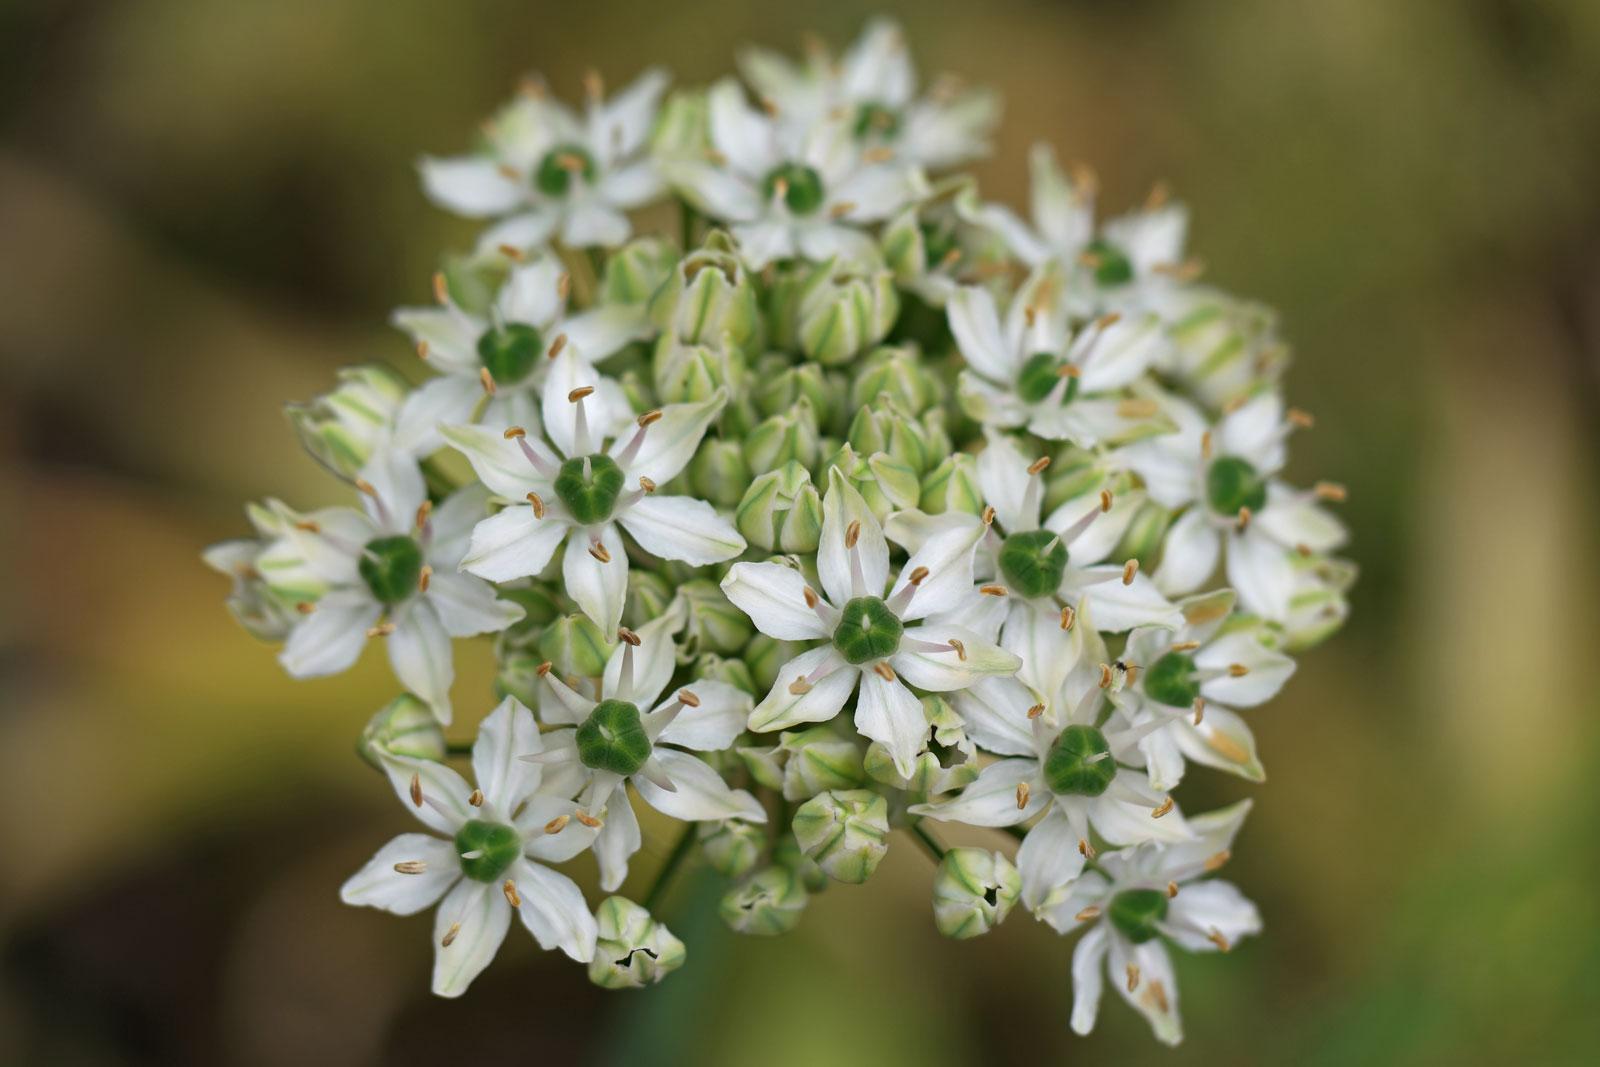 Allium nigrum